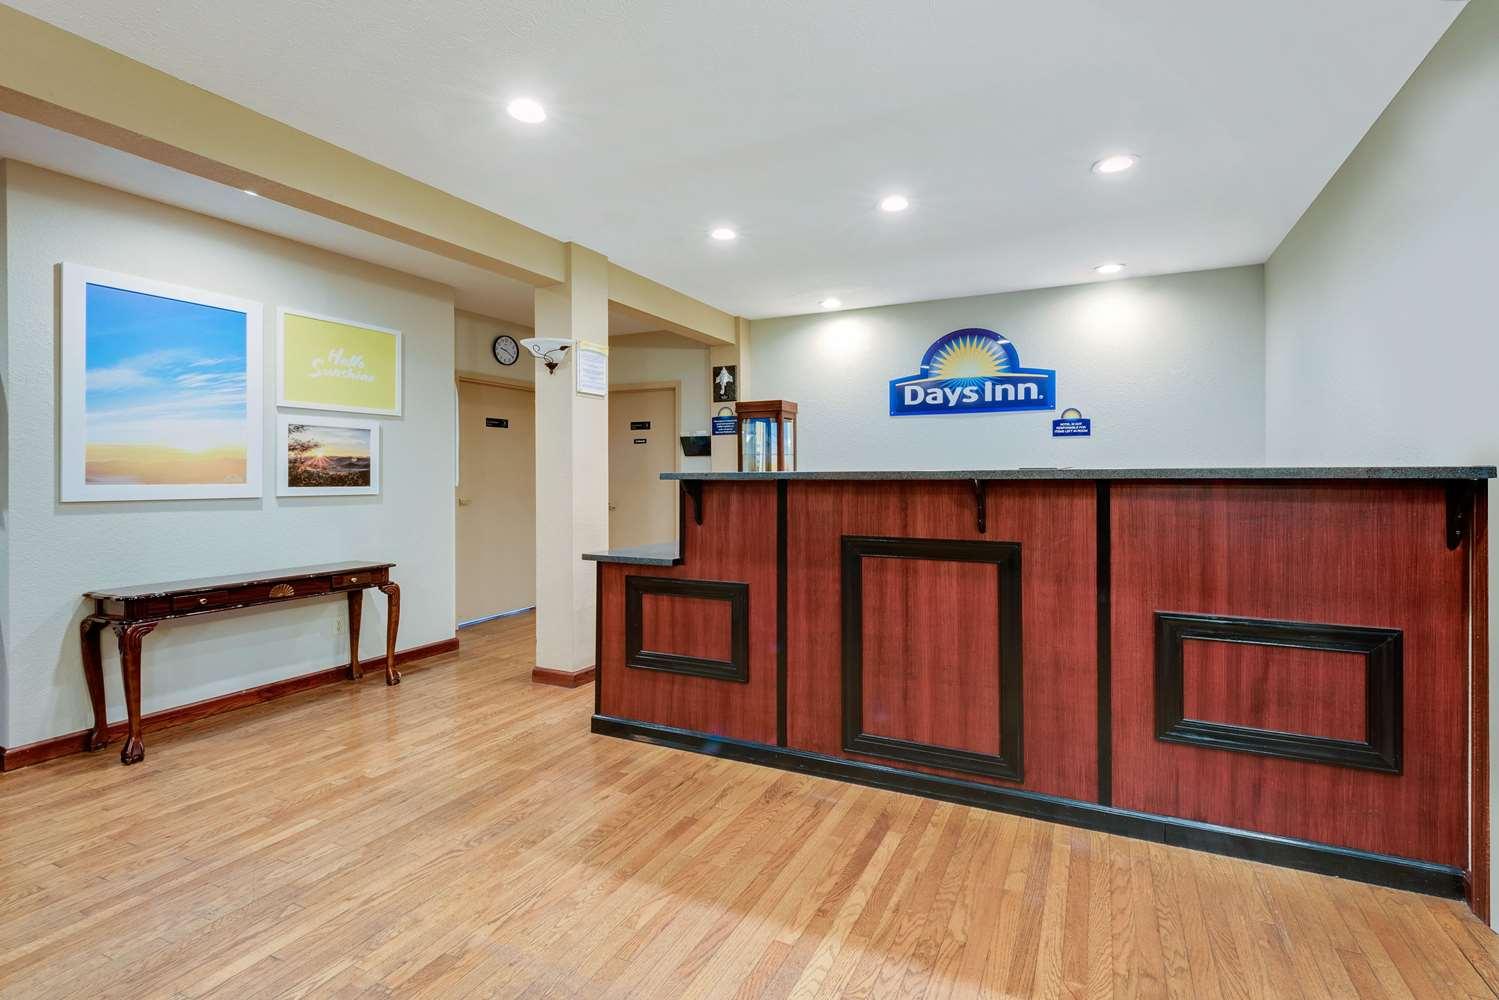 Lobby - Days Inn Fairmont